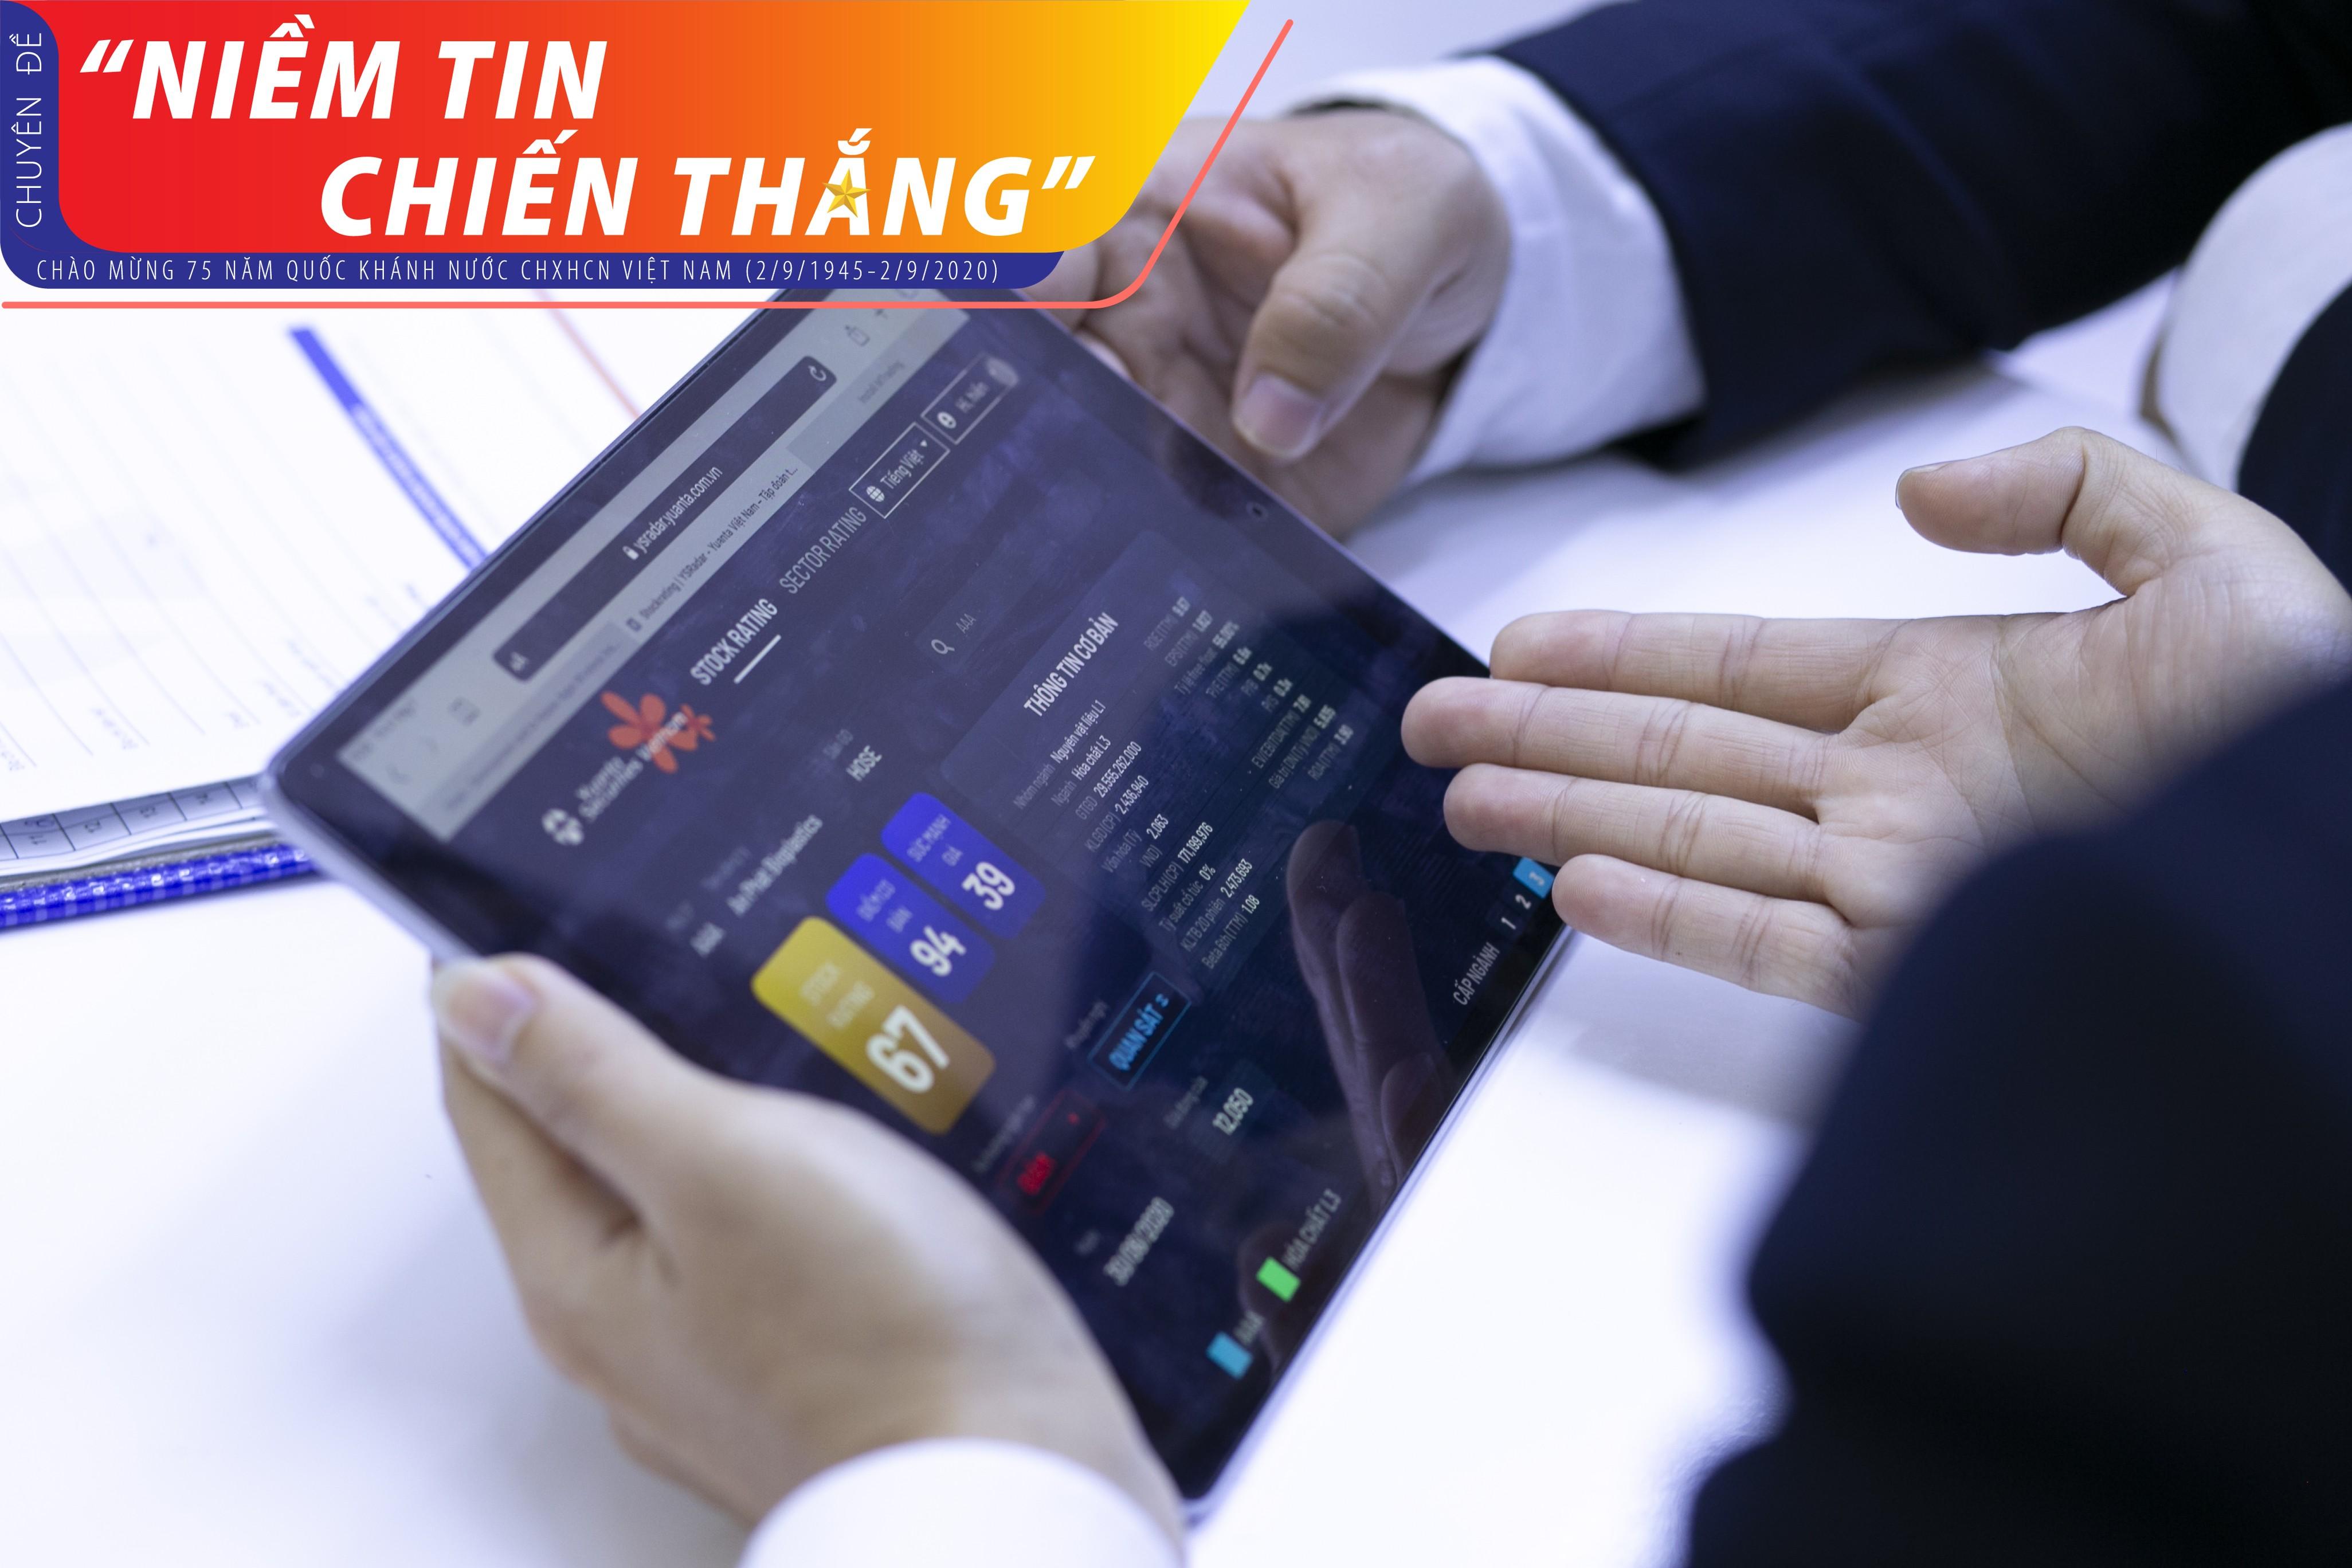 Chứng khoán Yuanta Việt Nam: Tăng vốn lên 1500 tỷ đồng, tăng năng lực kinh doanh